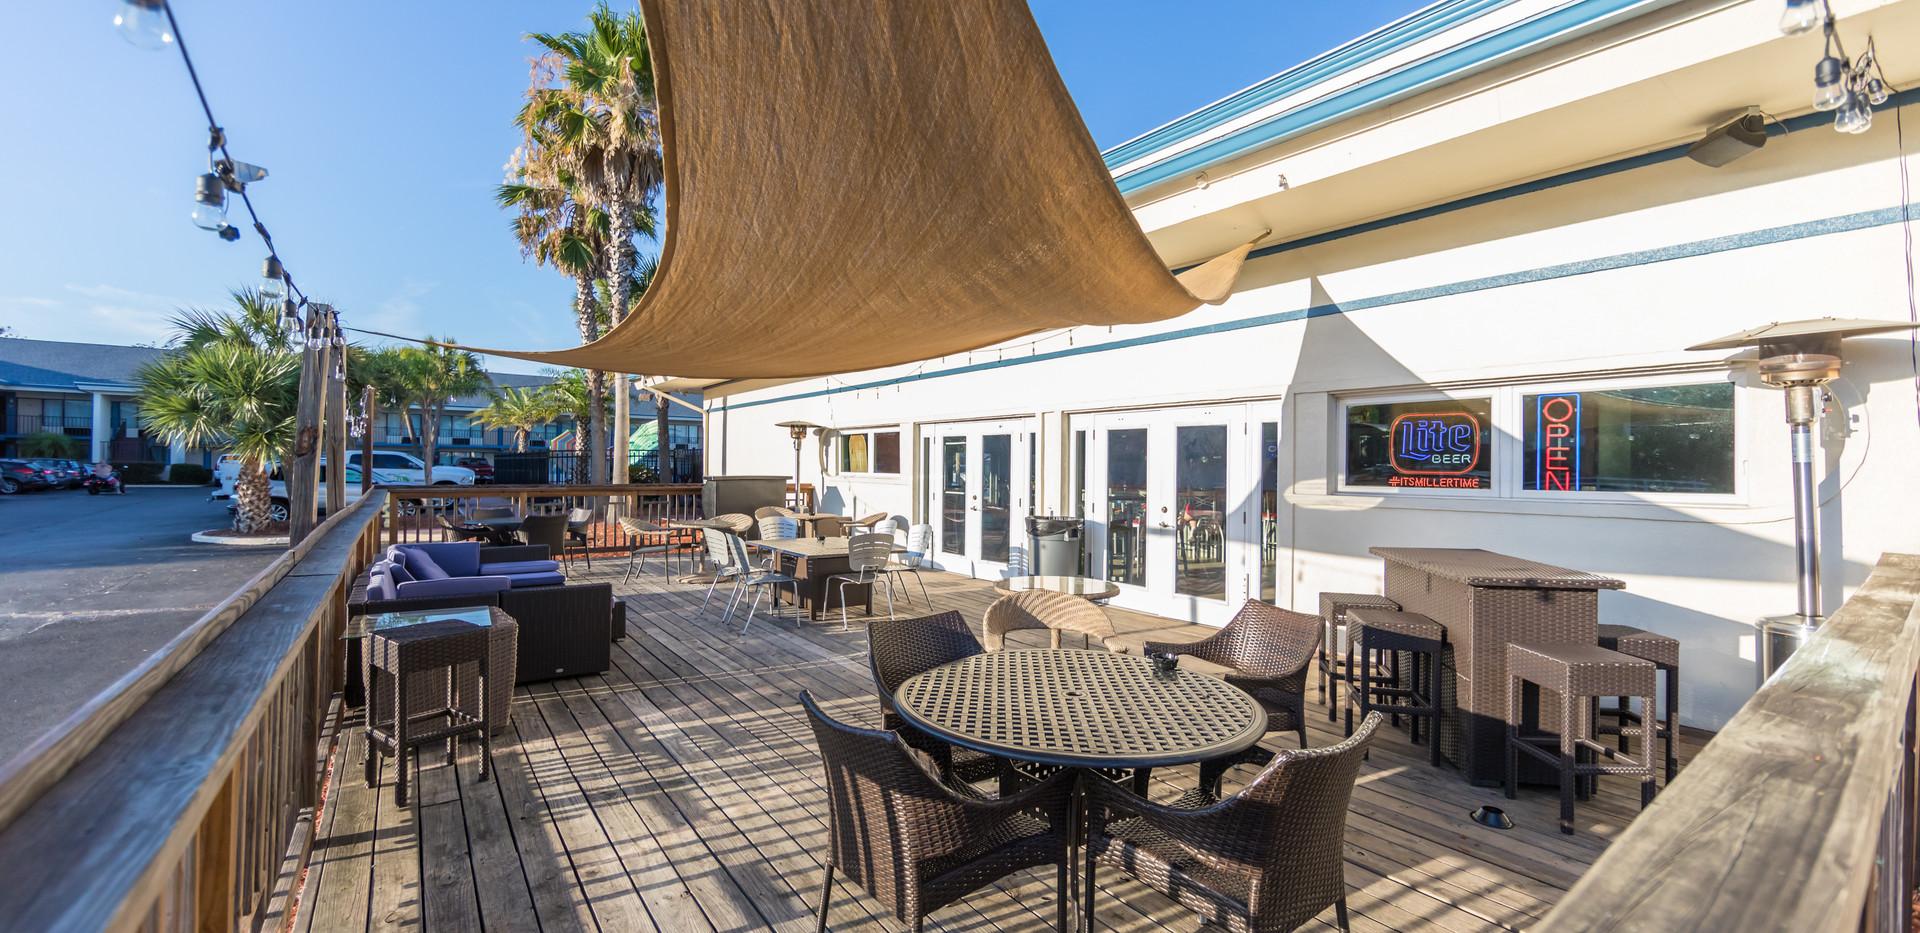 2019 Ocean Coast Hotel Rooms 042A - Dere